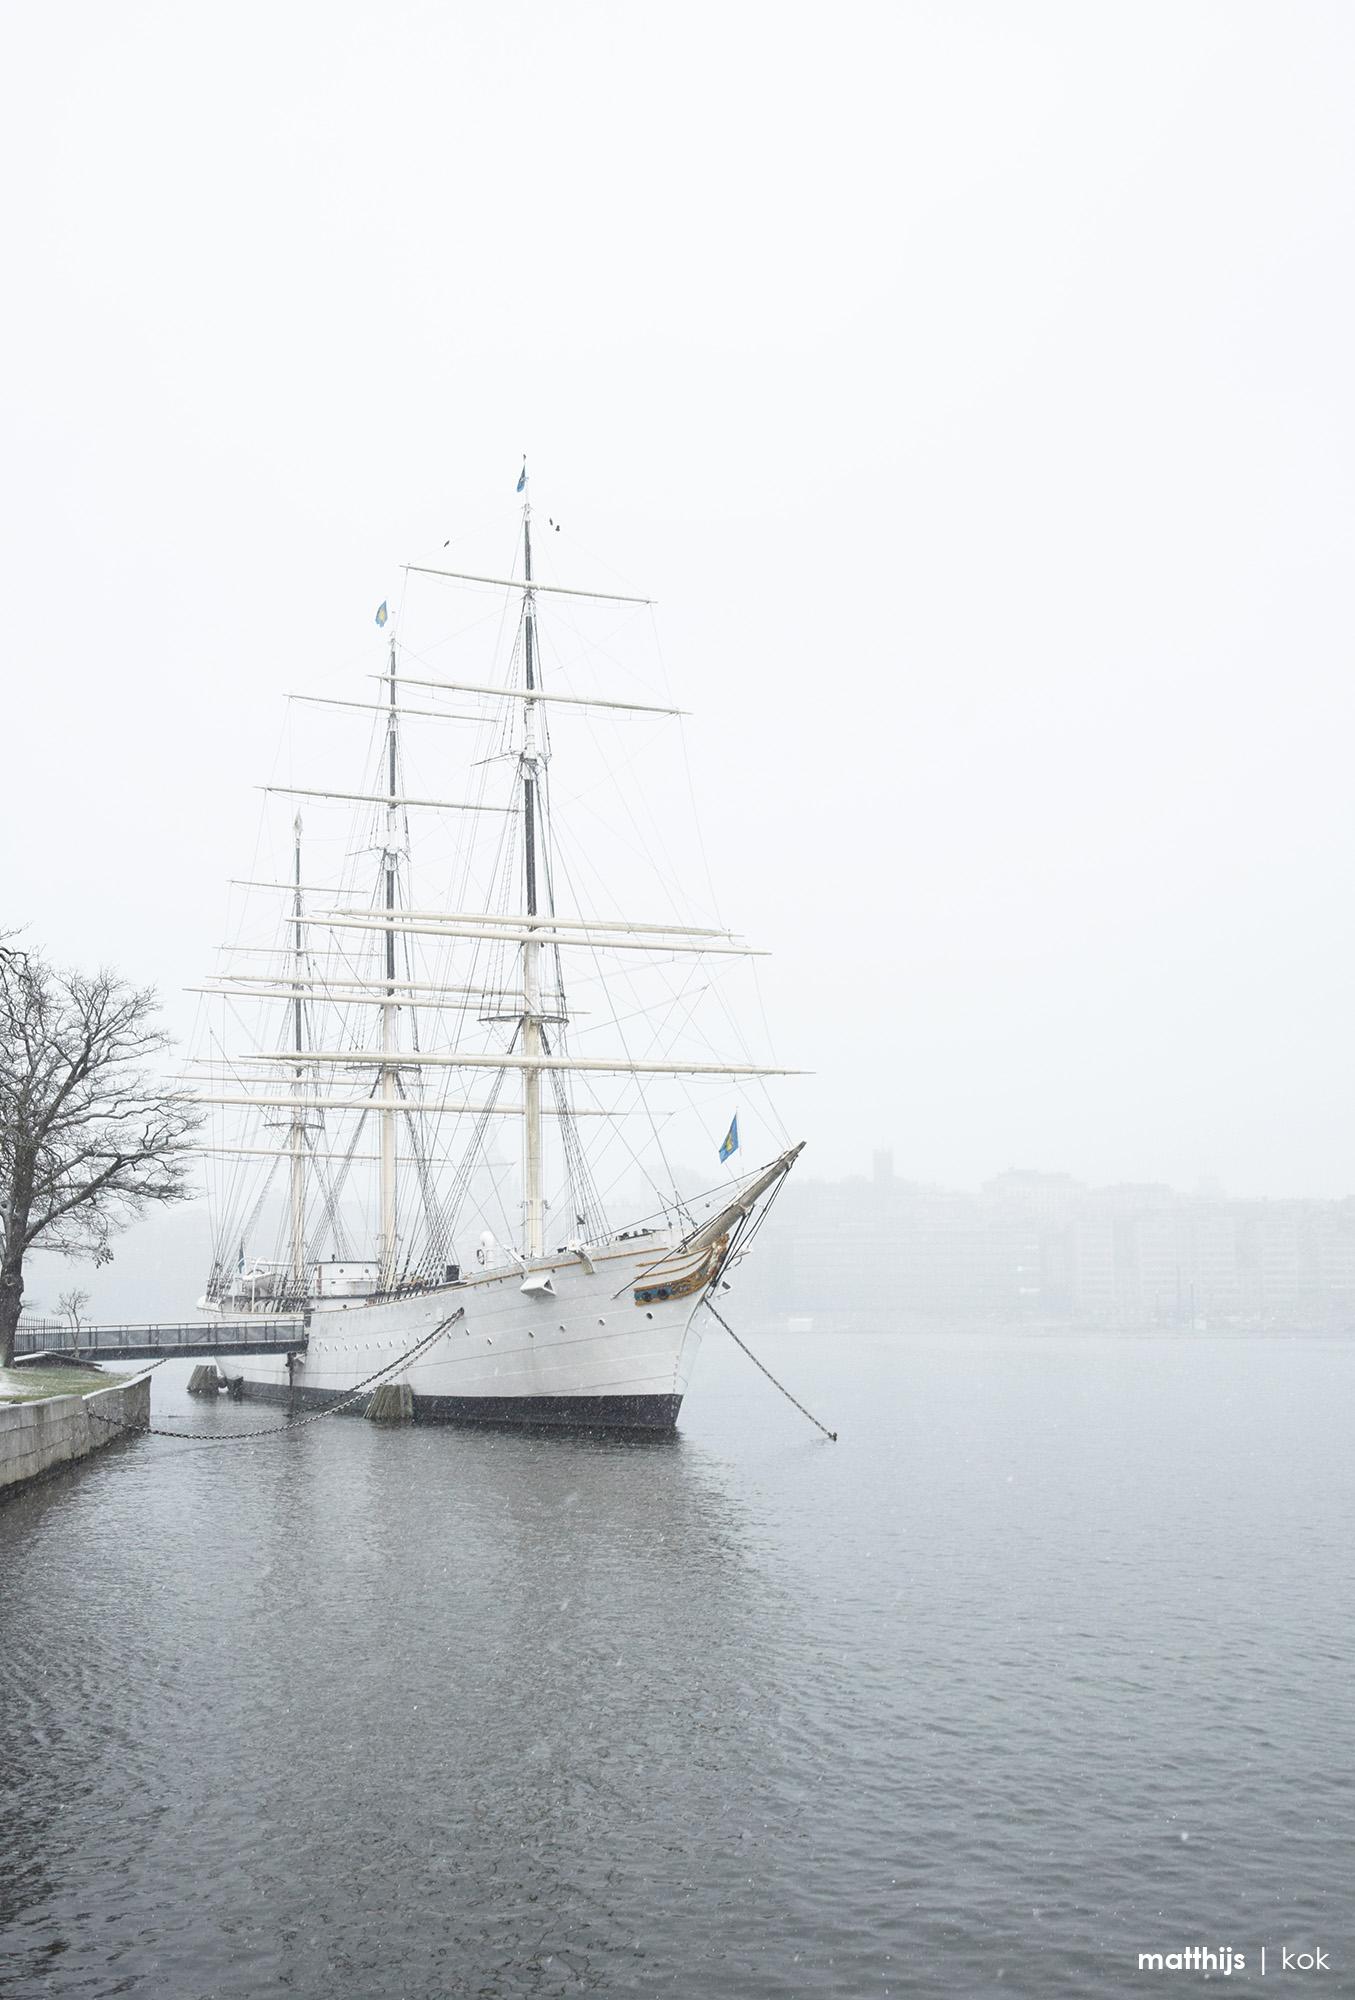 Skeppsholmen, Stockholm, Sweden | Photo by Matthijs Kok